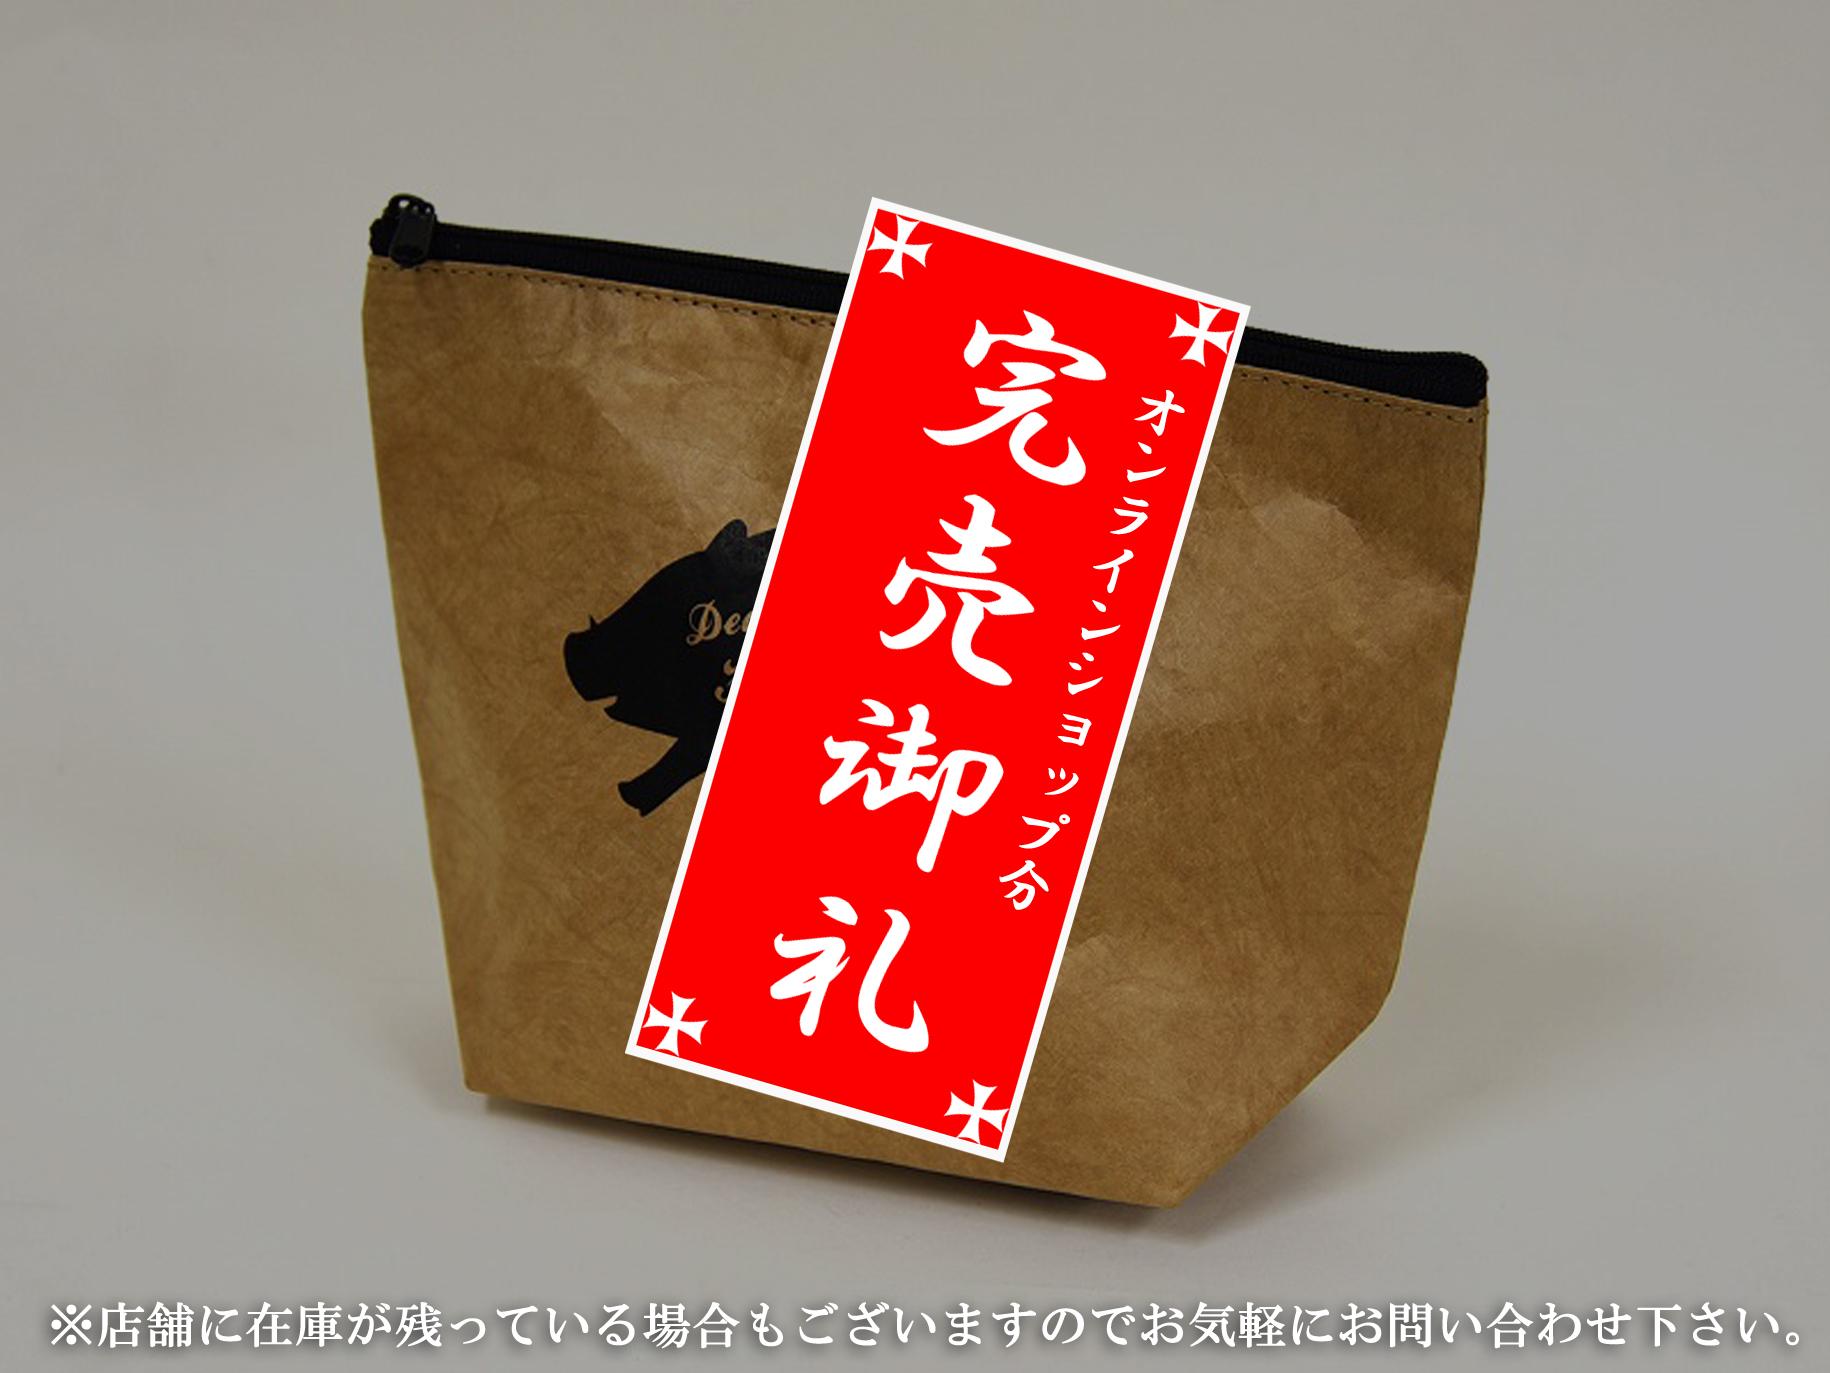 2019年 新春福袋 2万円